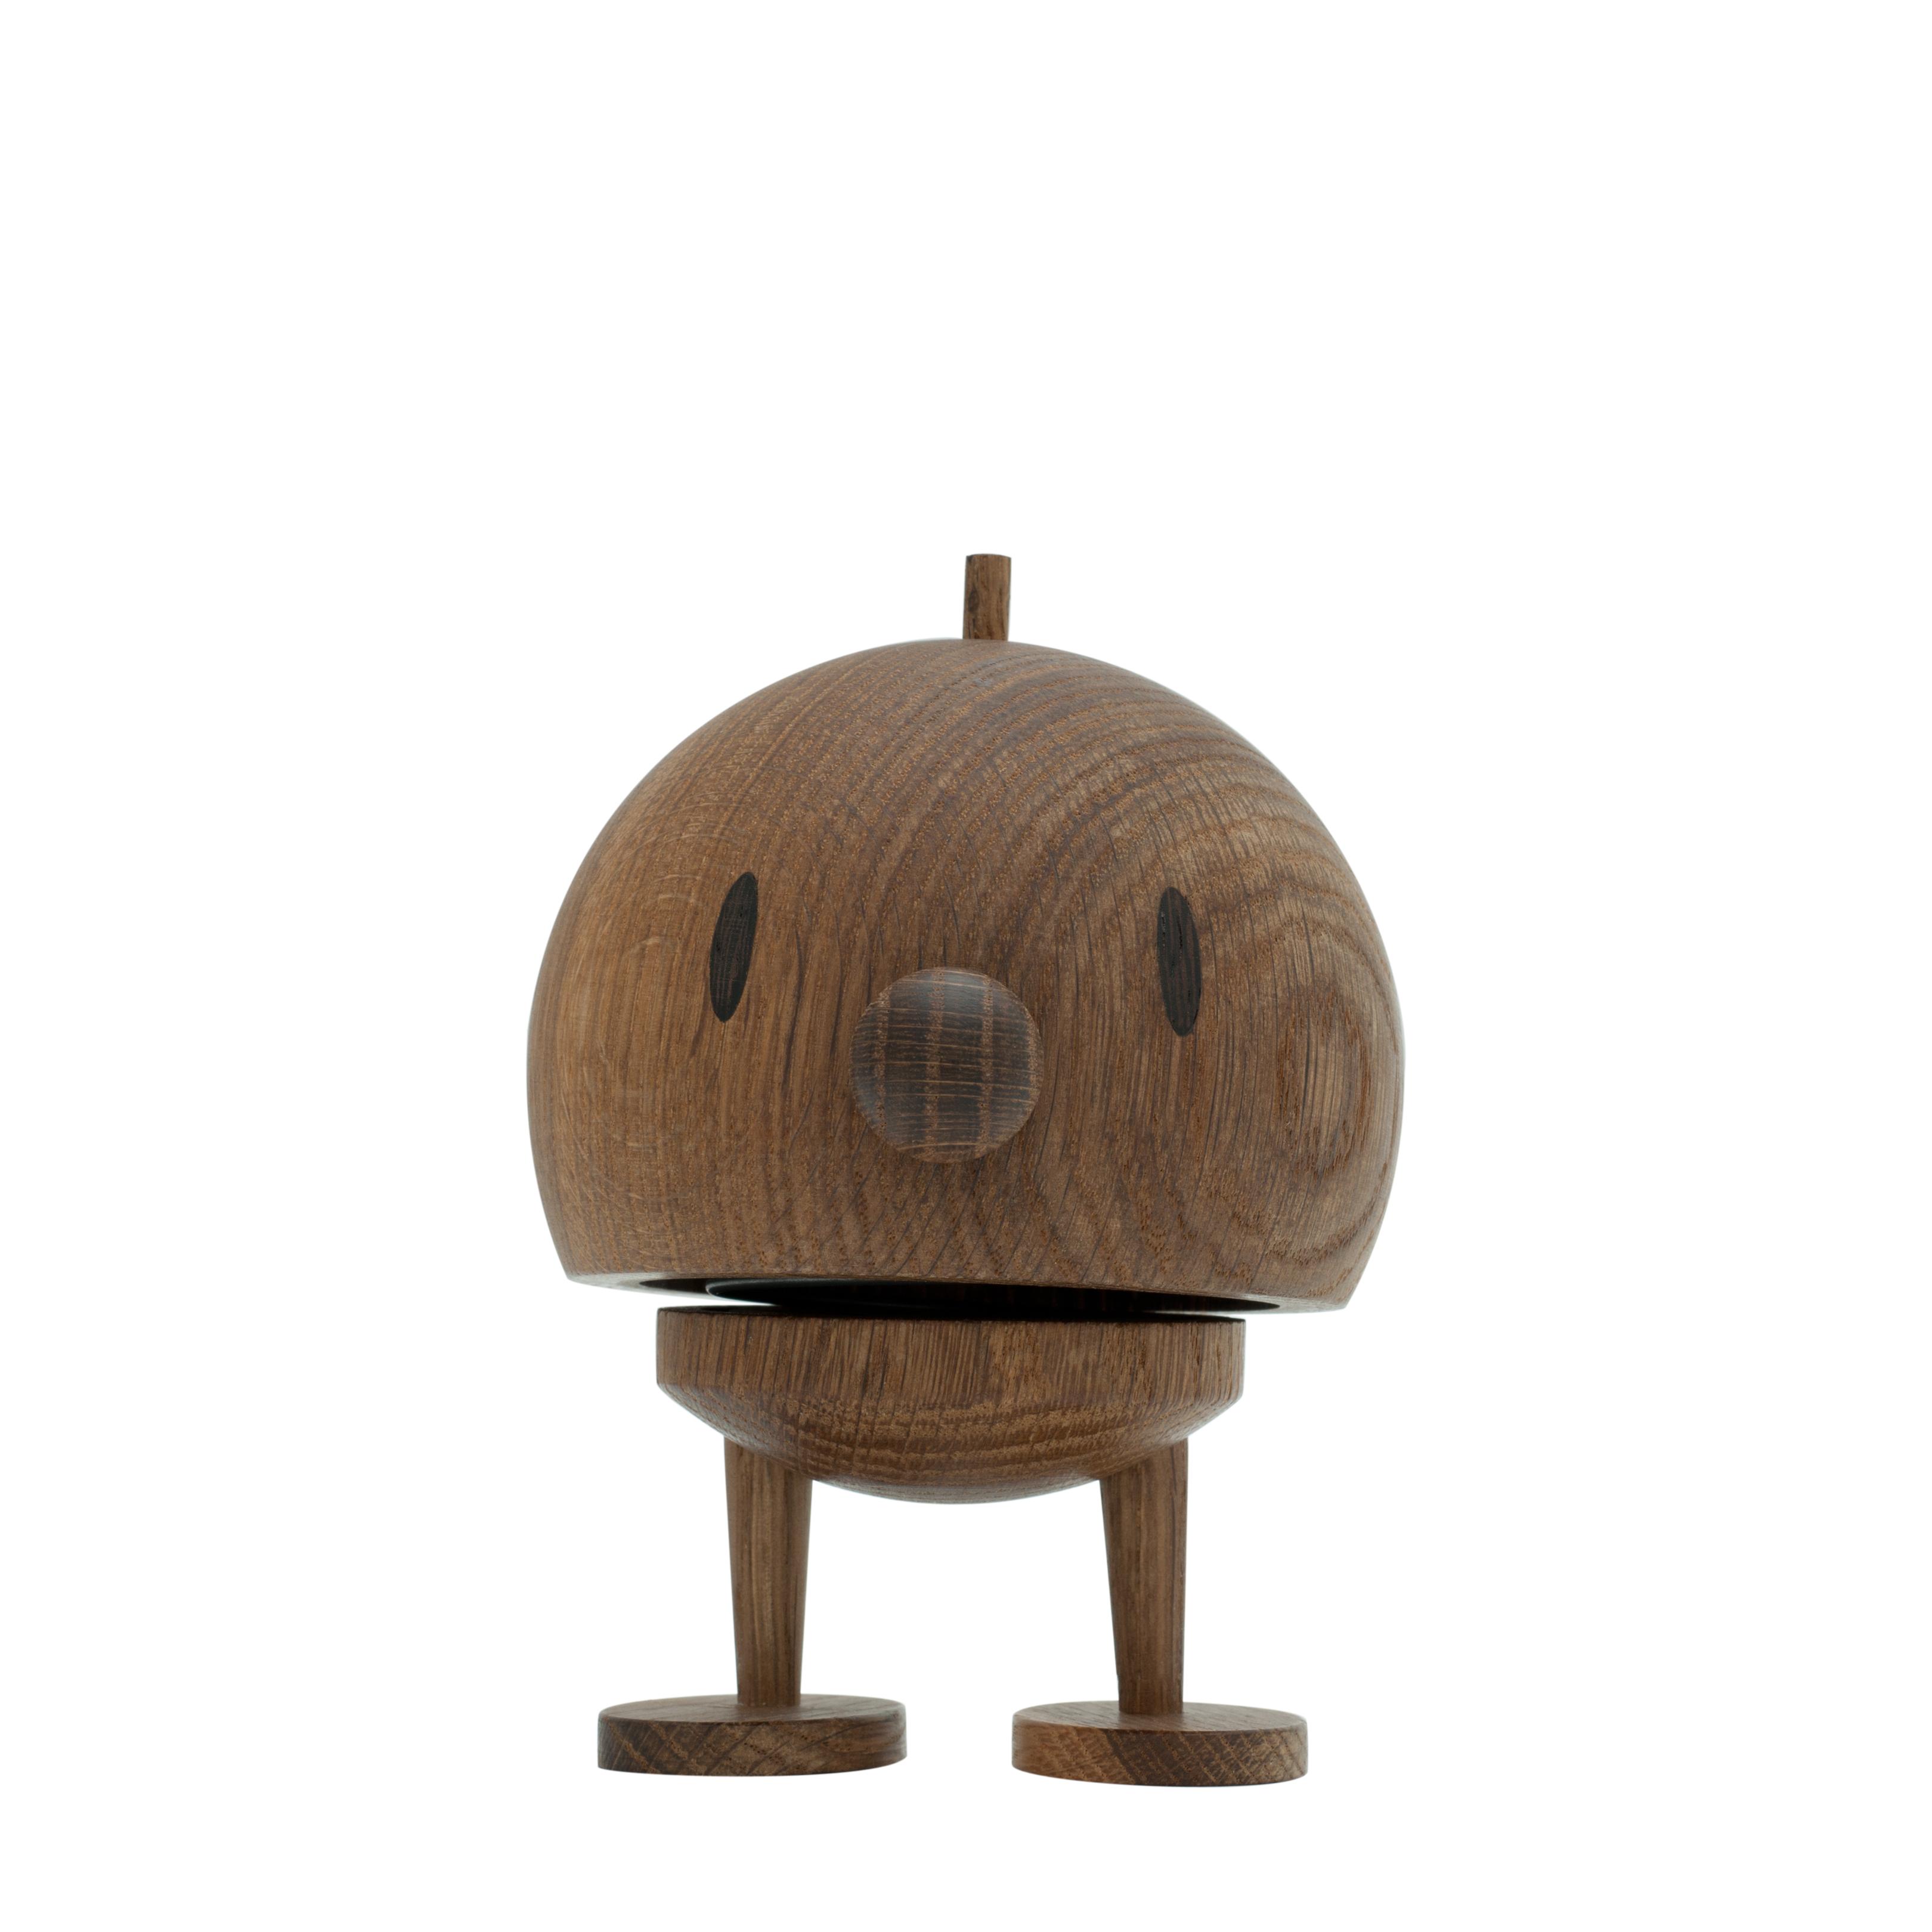 Hoptimist - Woody Bumble - Smoked Oak (7002-02)